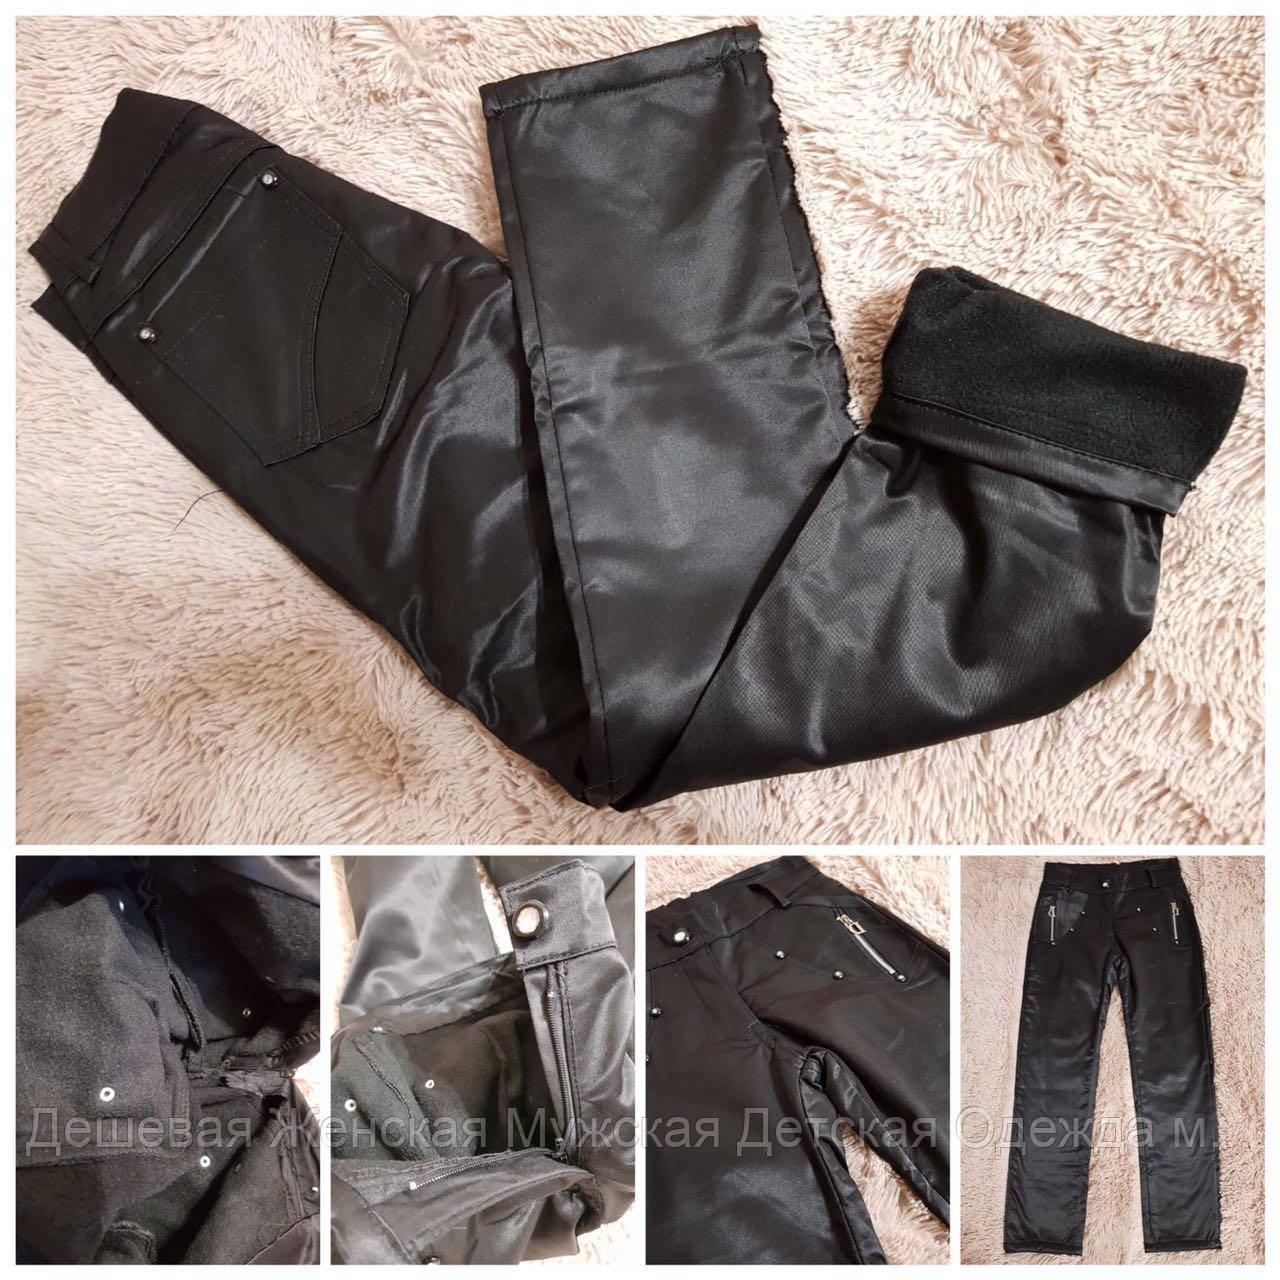 Зимние Подростковые штаны флис